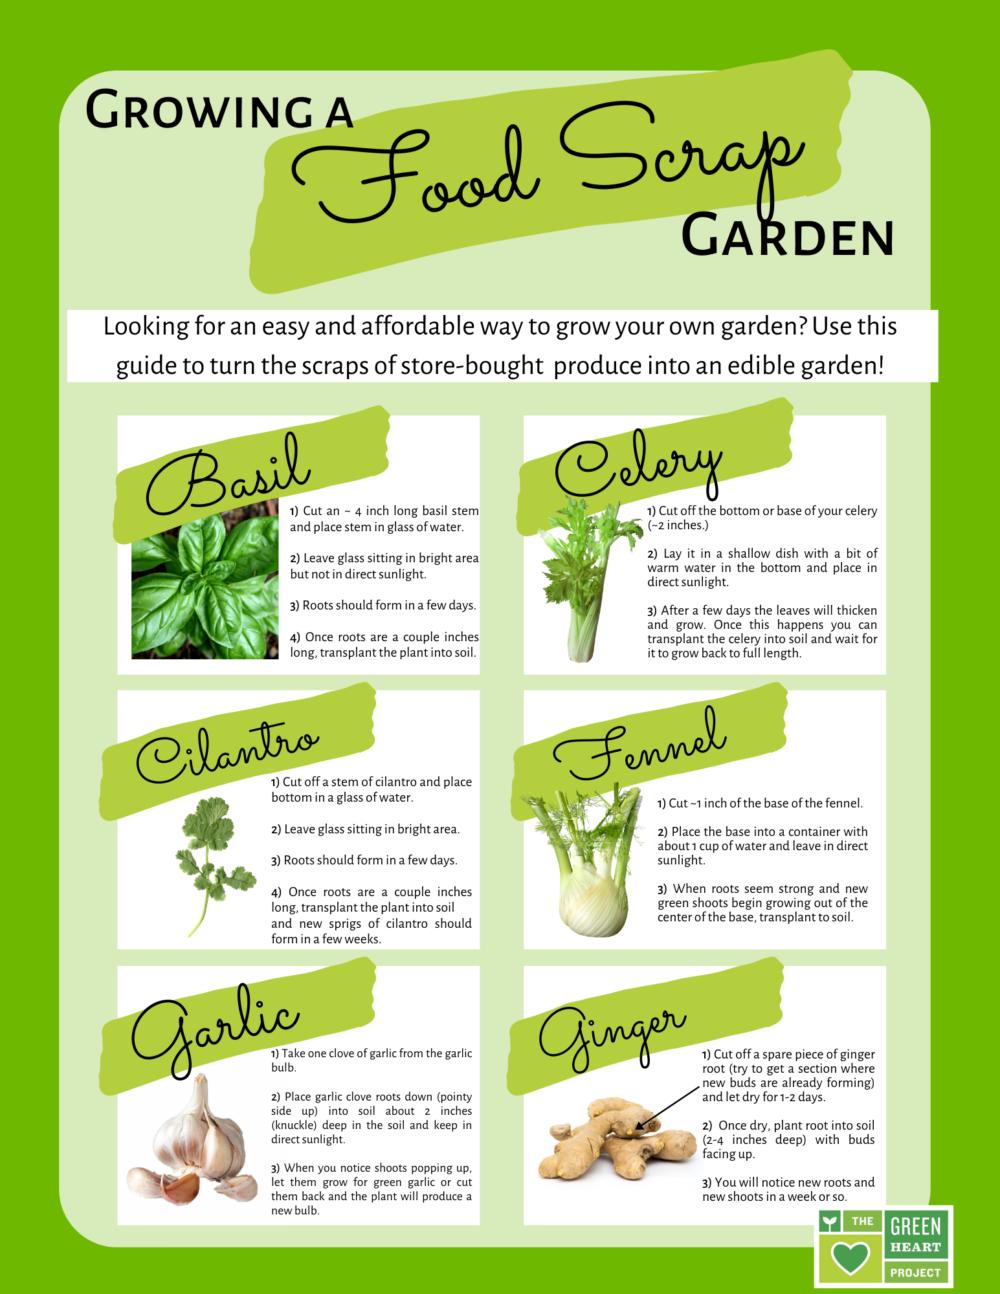 Growing a Food Scrap Garden